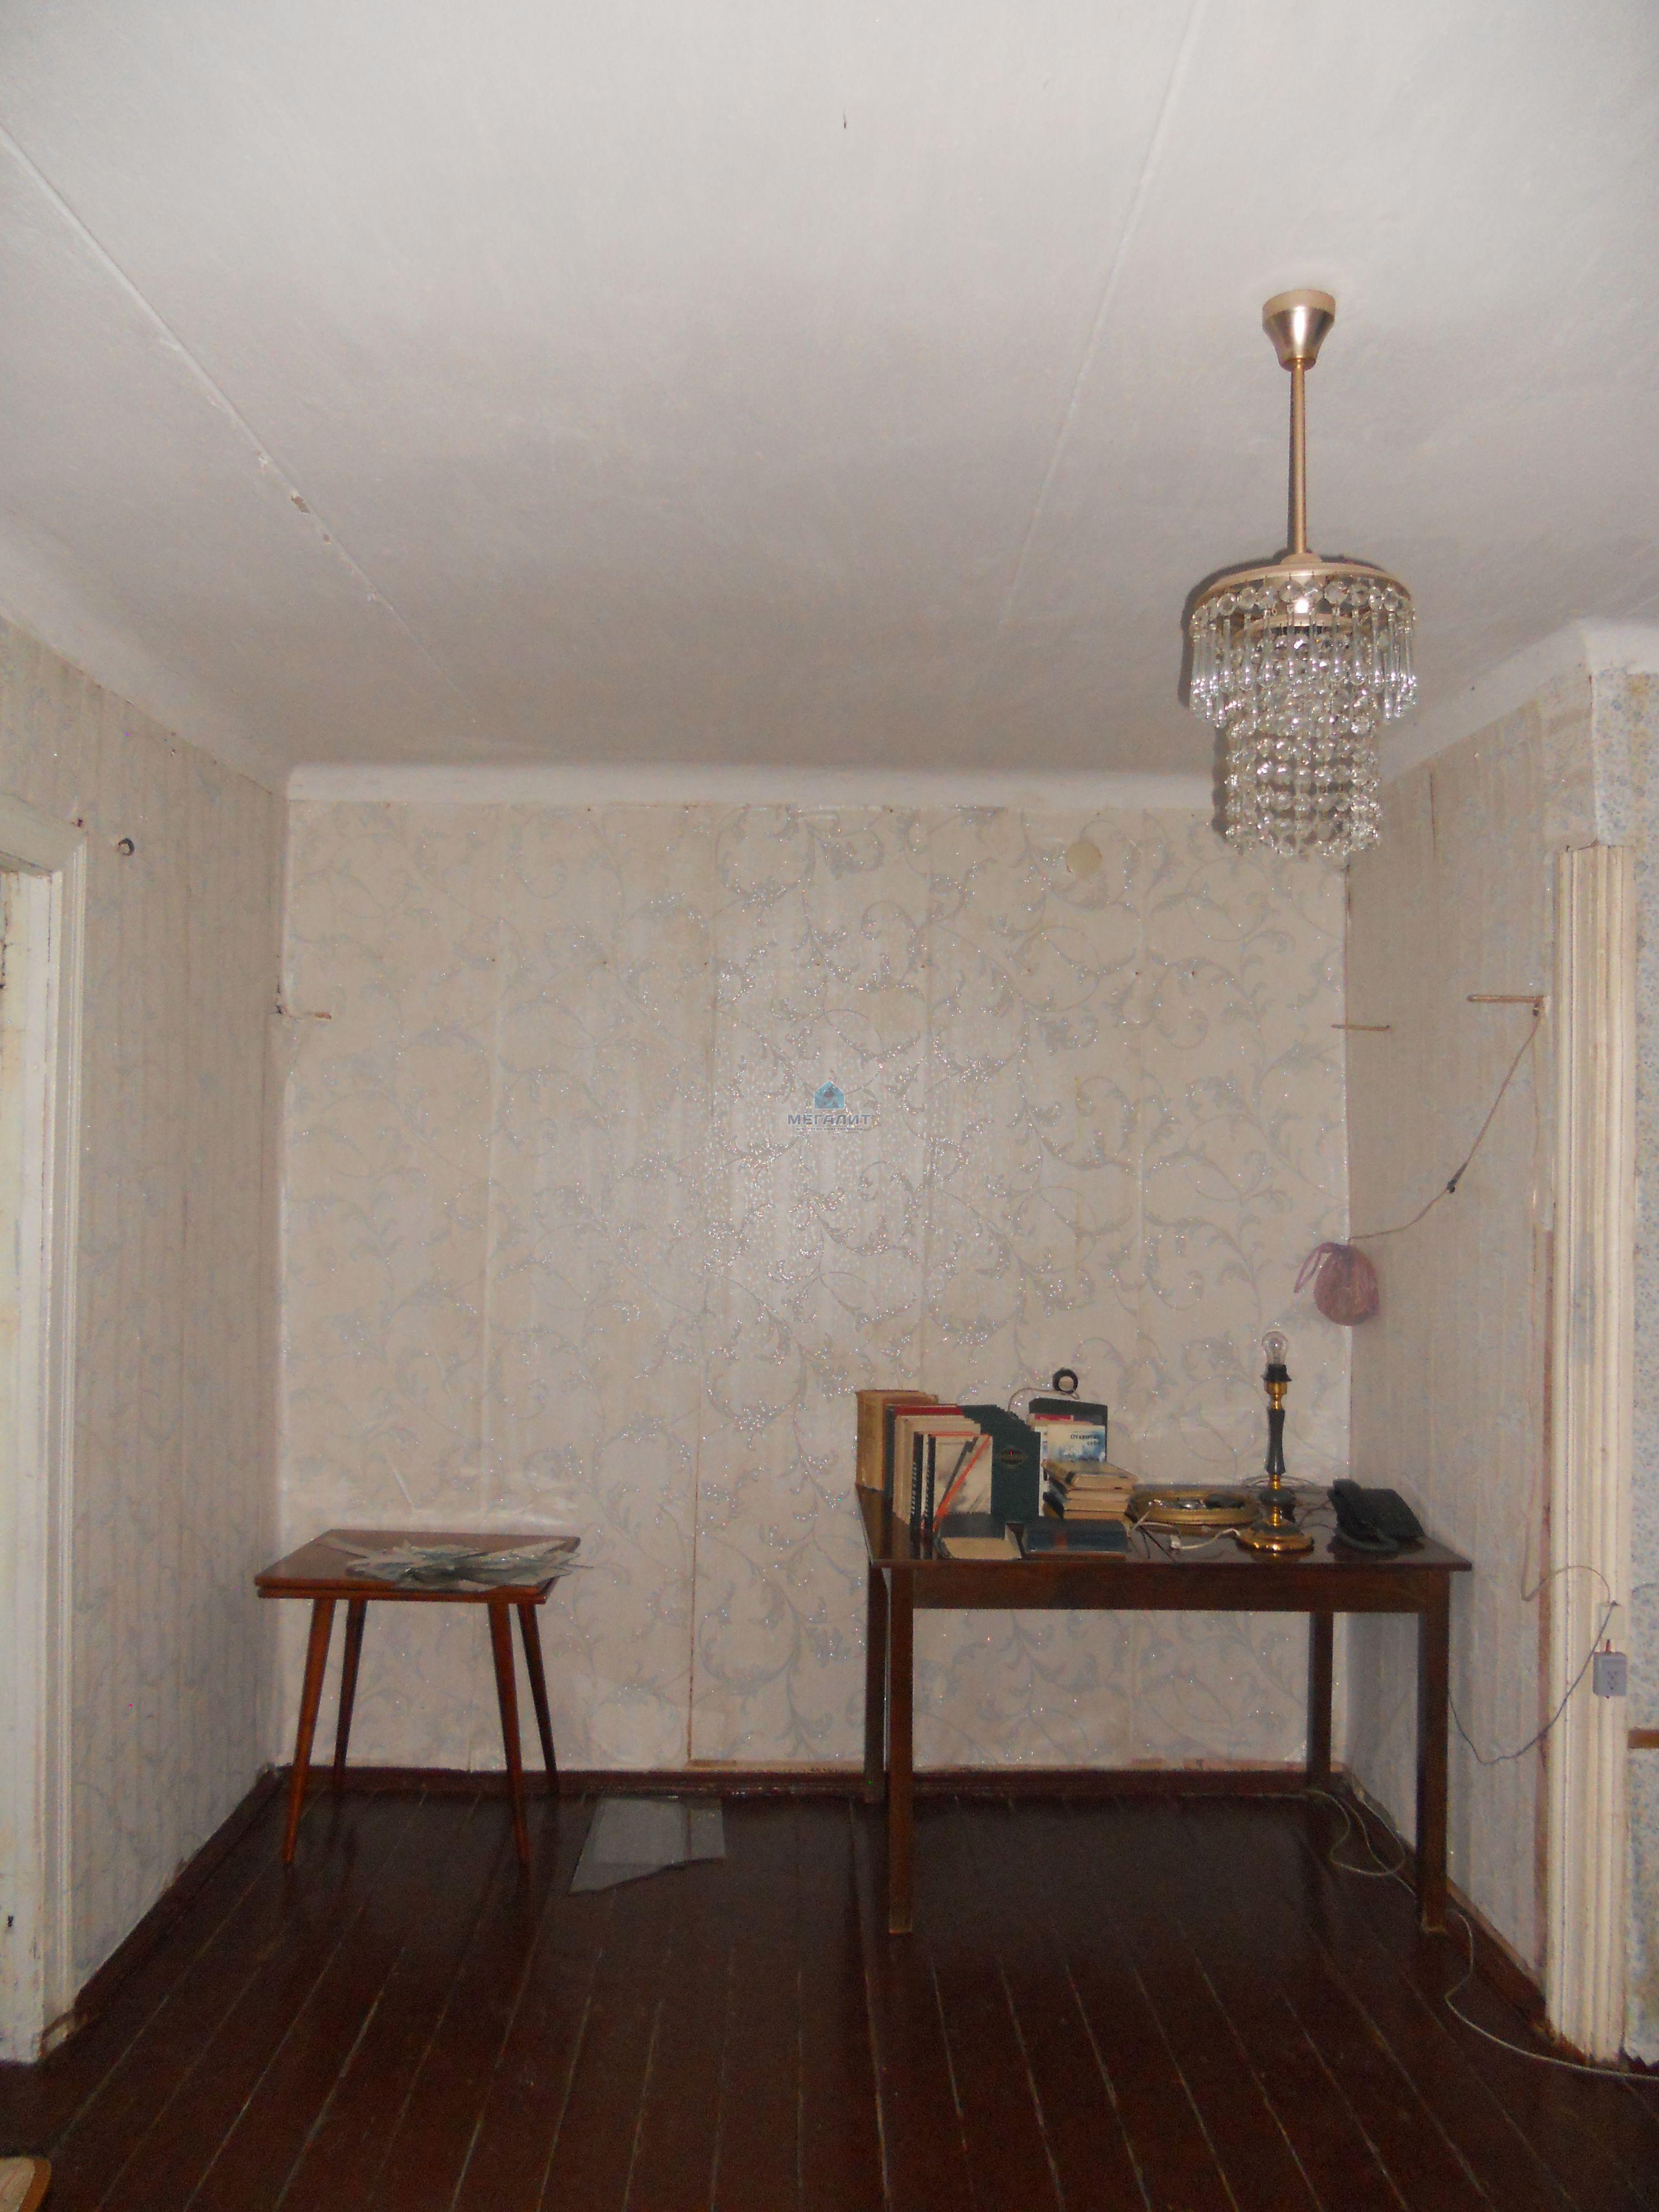 Продажа 2-к квартиры Колымская 2, 43.0 м² (миниатюра №6)